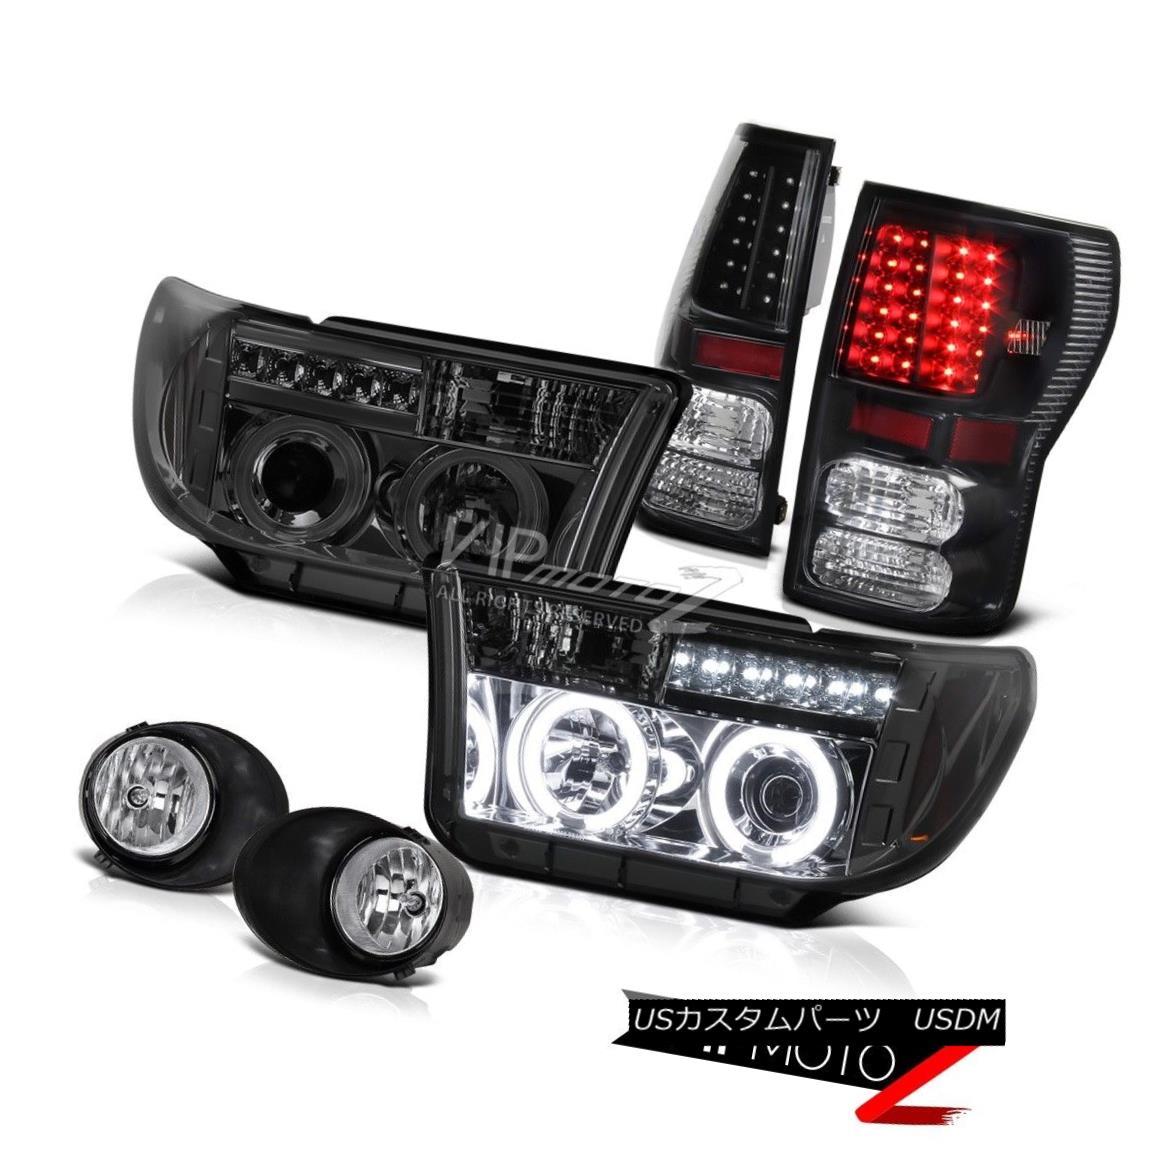 ヘッドライト CCFL Halo Projector Headlight+Black Led Tail Light+Fog Lamp Toyota 07-13 Tundra CCFL Haloプロジェクターヘッドライト+ Blac  k Ledテールライト+フォグランプToyota 07-13 Tundra